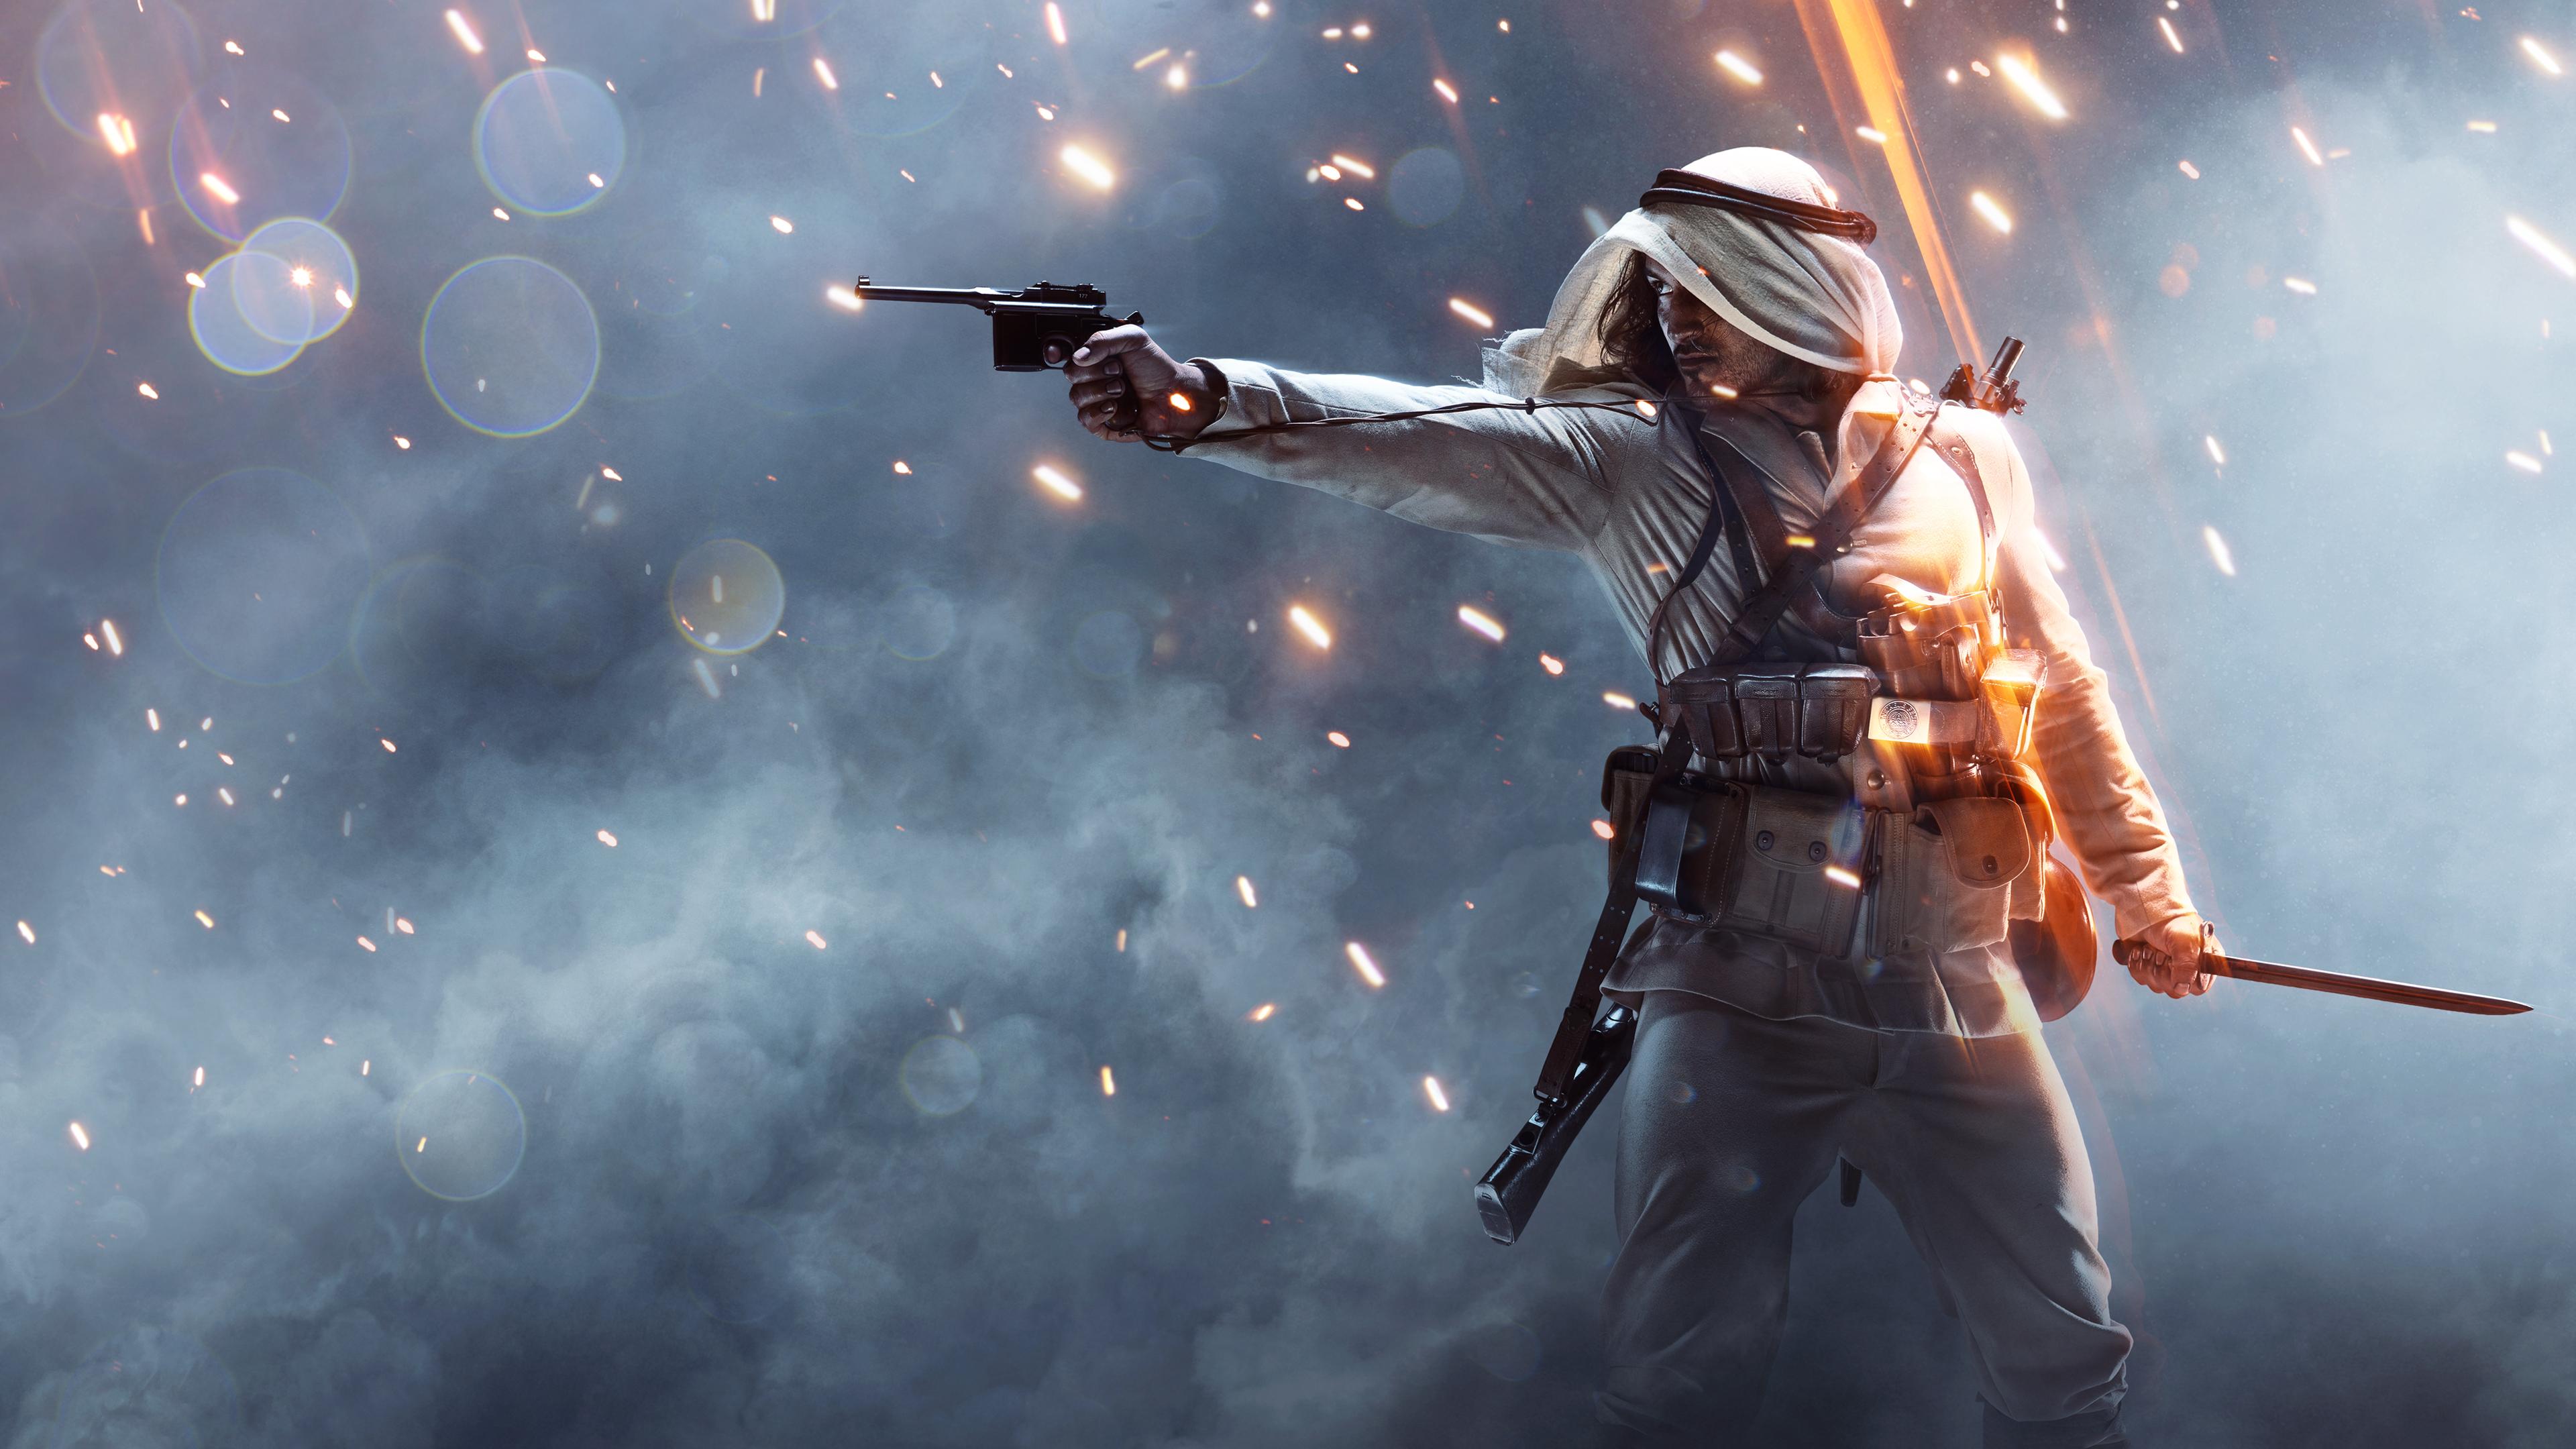 Battlefield 1 4k 2018, HD Games, 4k